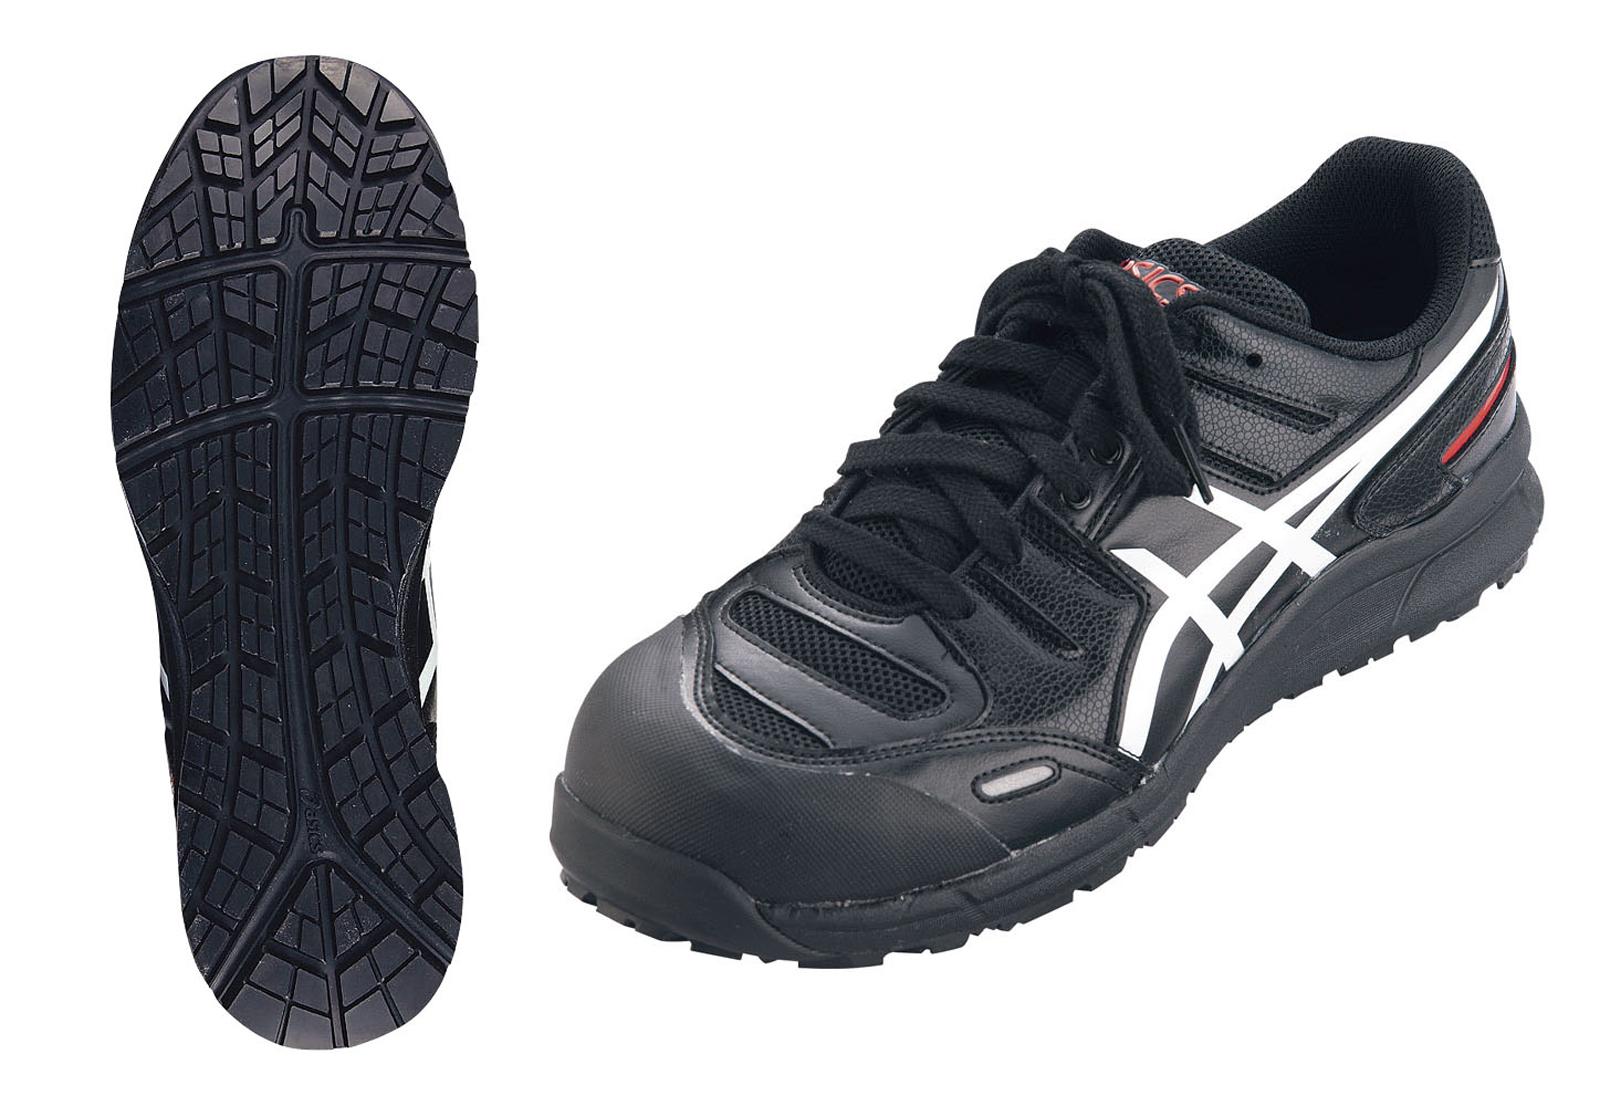 アシックス ウィンジョブ安全靴CP103 靴 BK×ホワイト 27.0cm【厨房用品 長靴 白衣 靴 ] サンダル 通販】 スリッパ 業務用 販売 通販】 [7-1369-0807 6-1309-0807 ], 石川県:f40e2d9e --- officewill.xsrv.jp